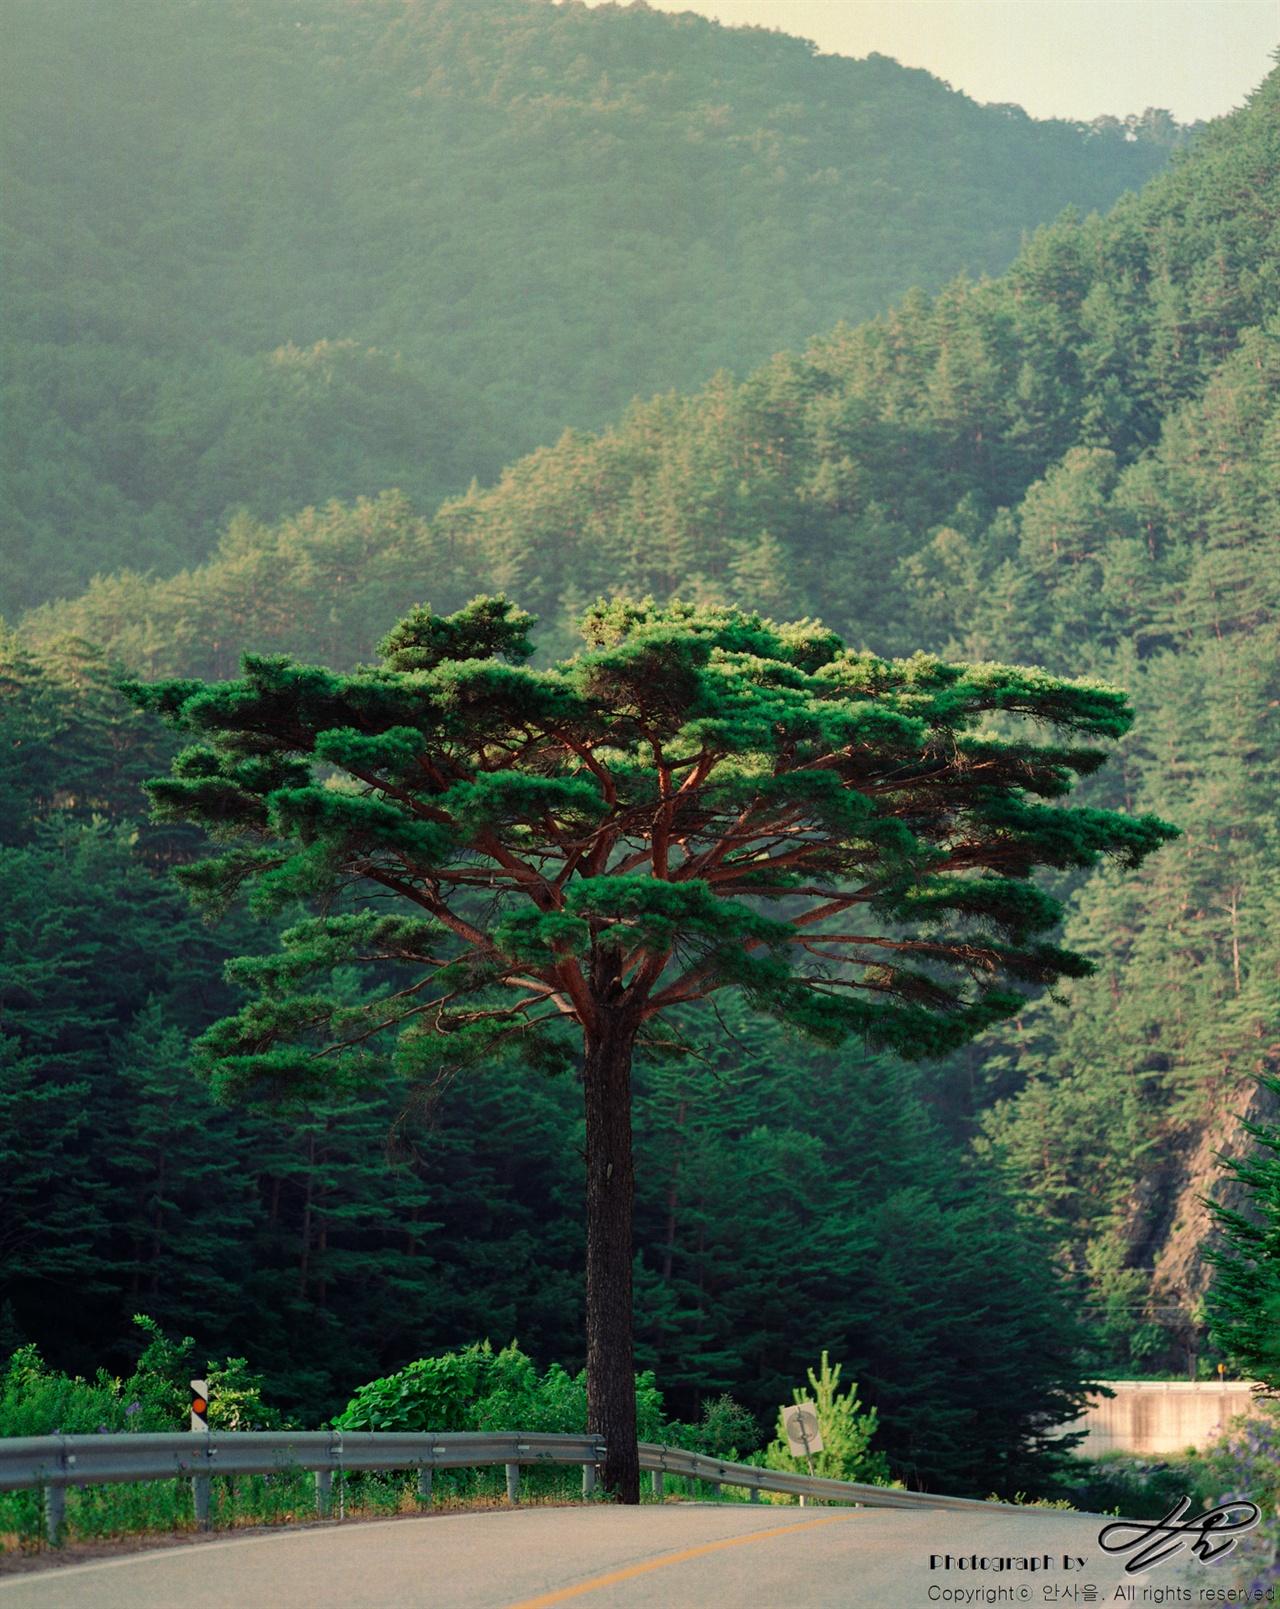 송천 옆의 송(松) (Ektar100)송천의 이름표라도 되는 듯 한 소나무 한 그루가 저녁 빛을 받으며 도로 옆에 서 있다.